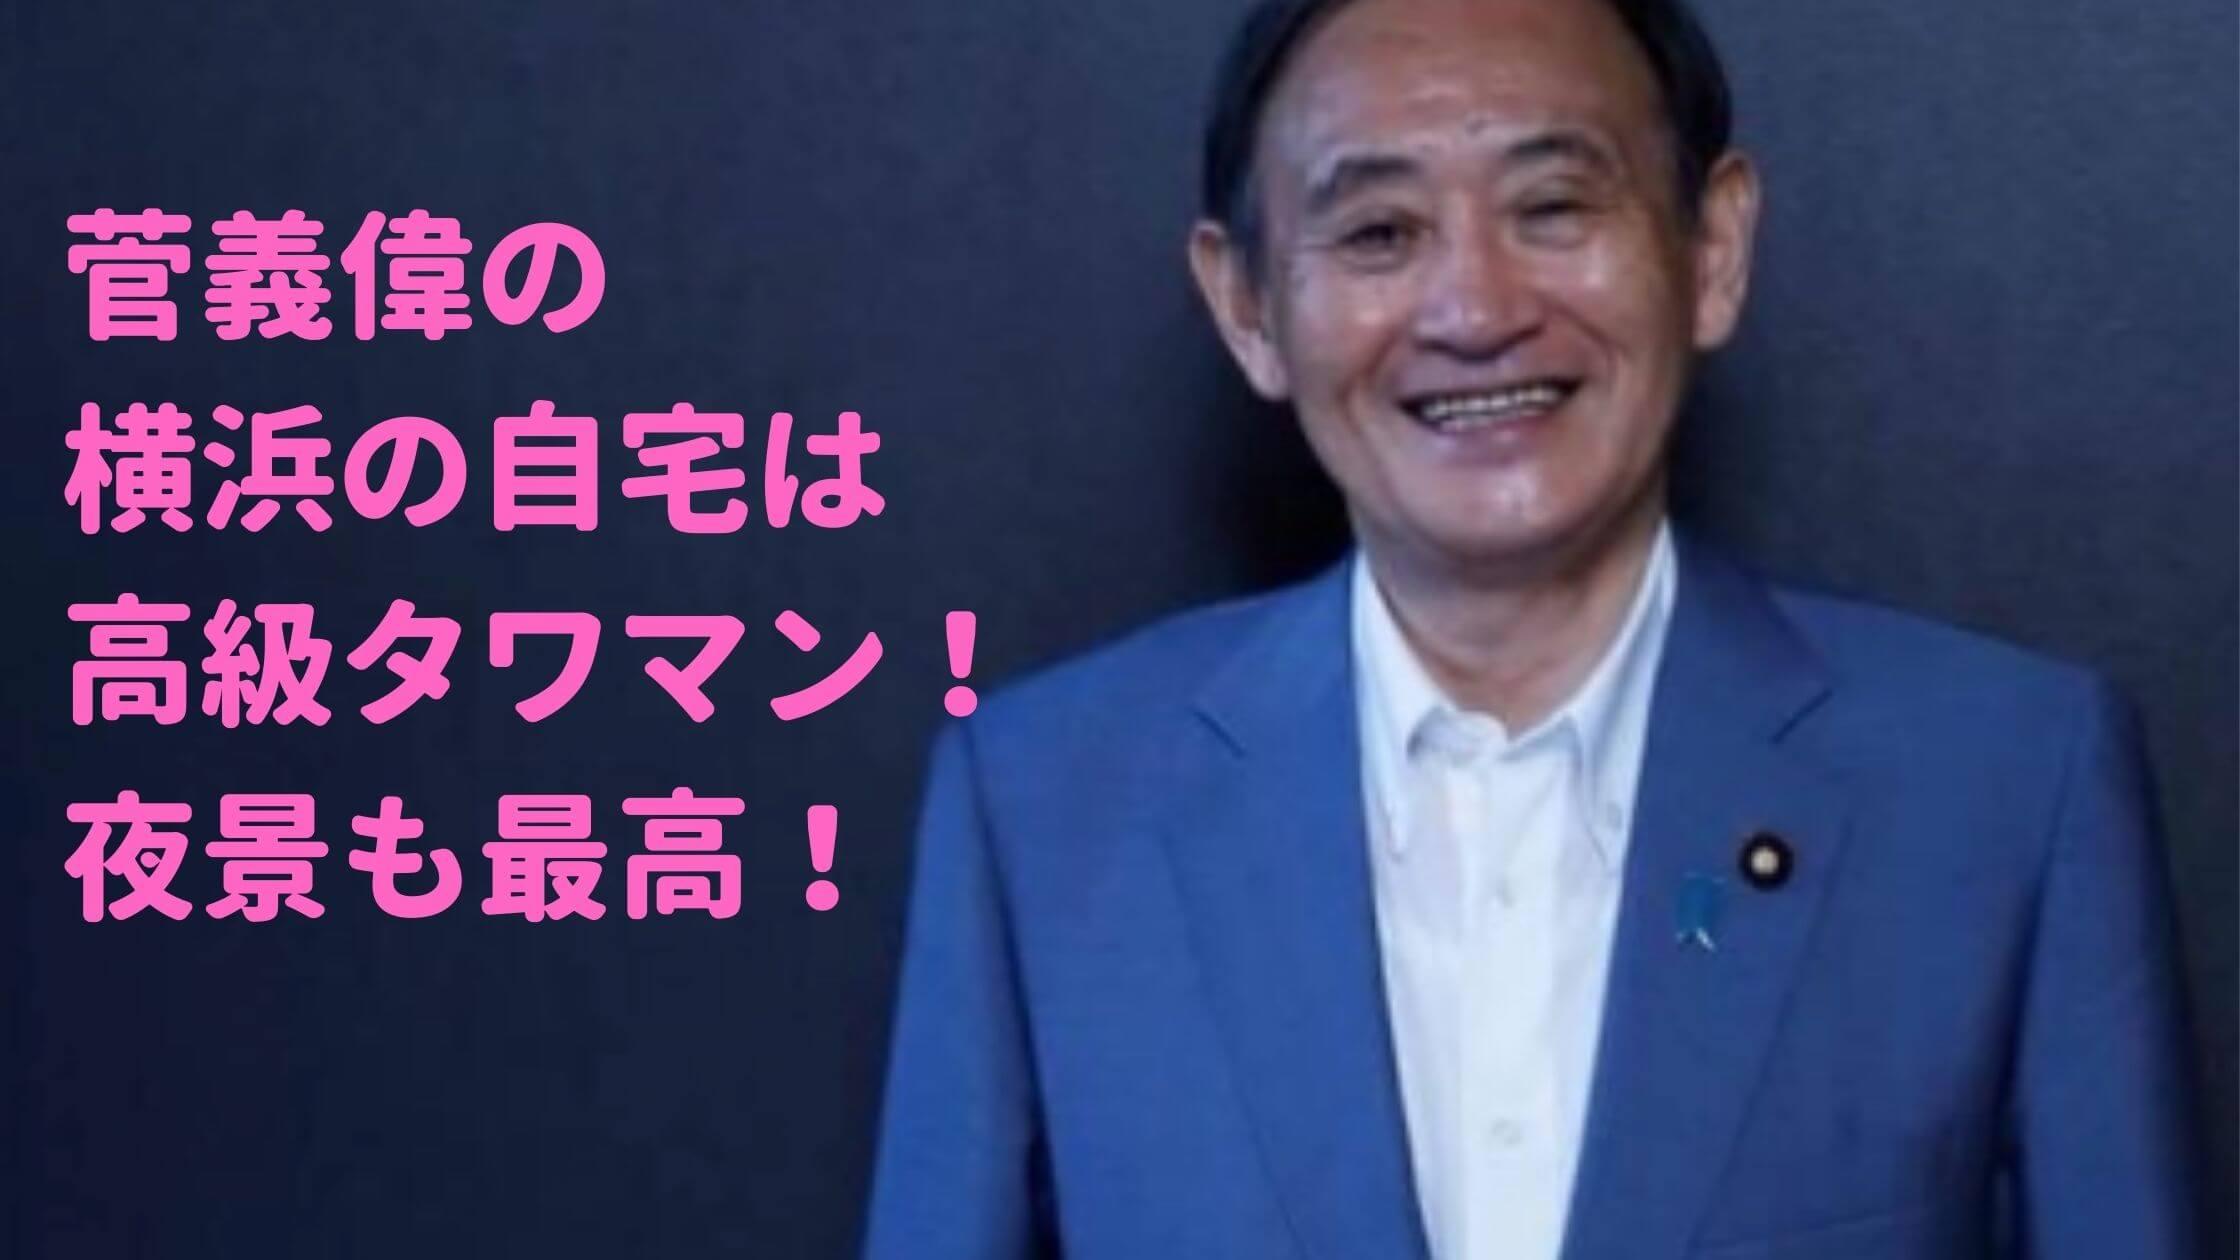 菅義偉 自宅 横浜 タワマン